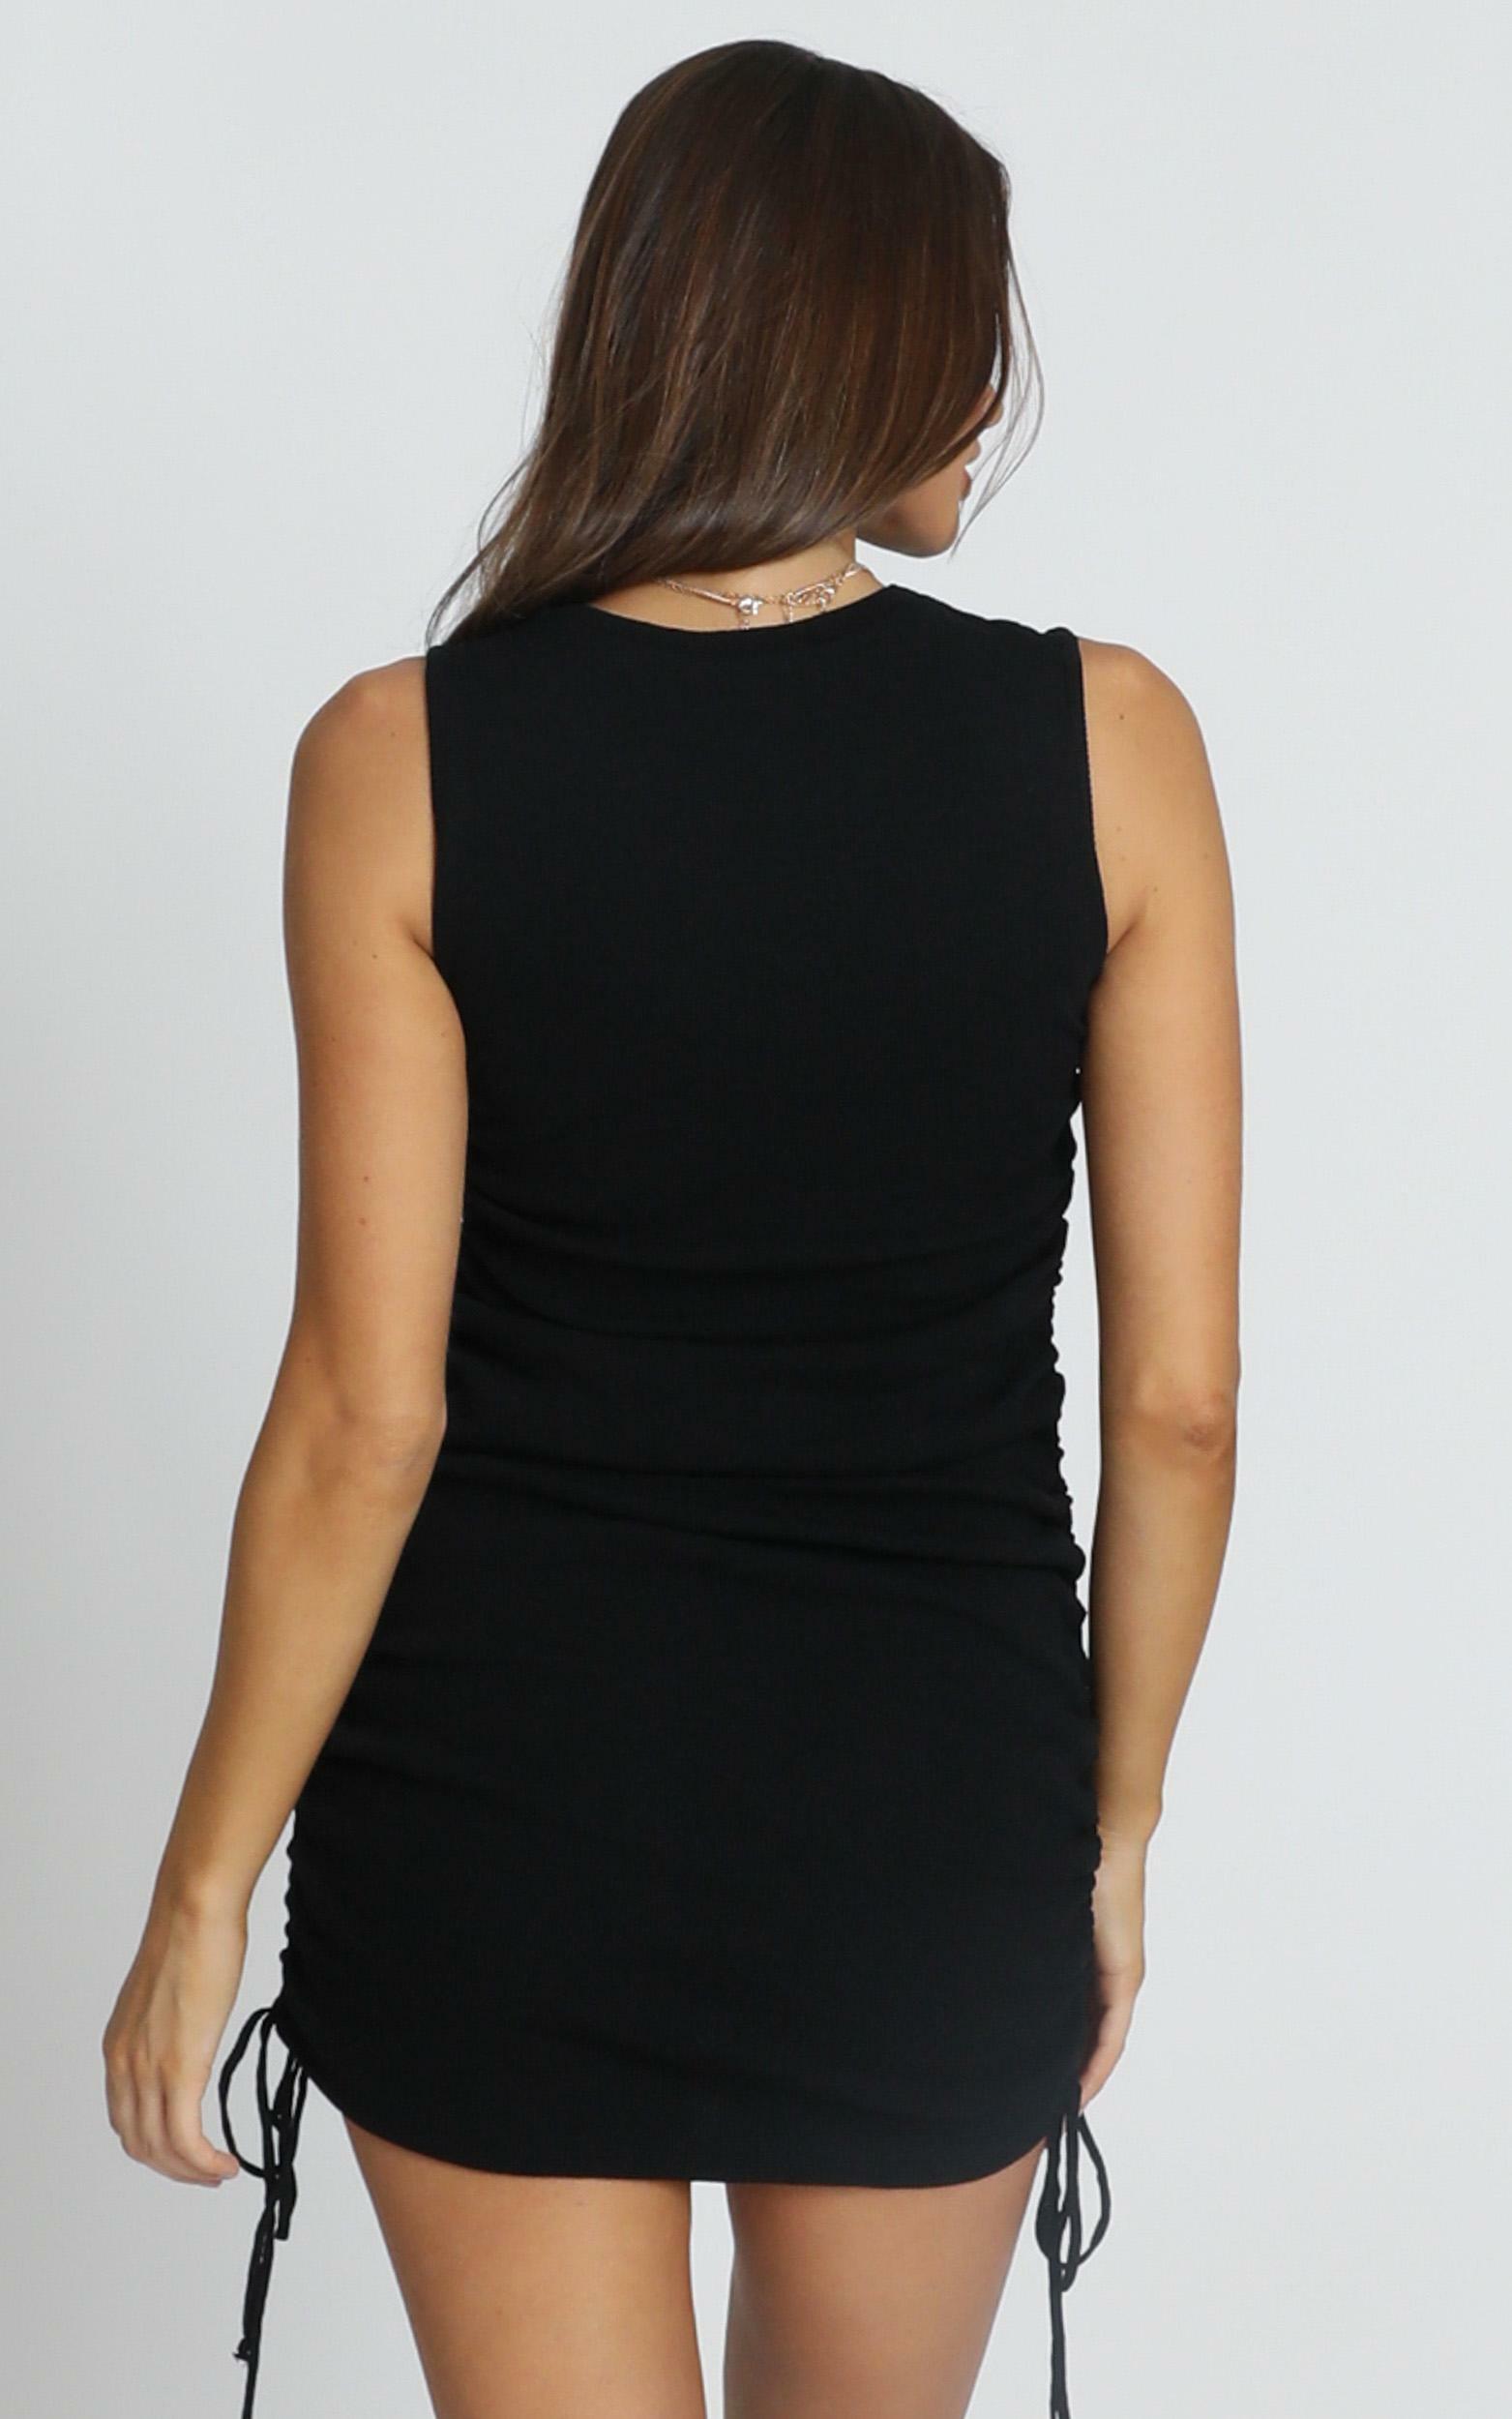 Lioness - Military Minds Dress In Black - 12 (L), Black, hi-res image number null